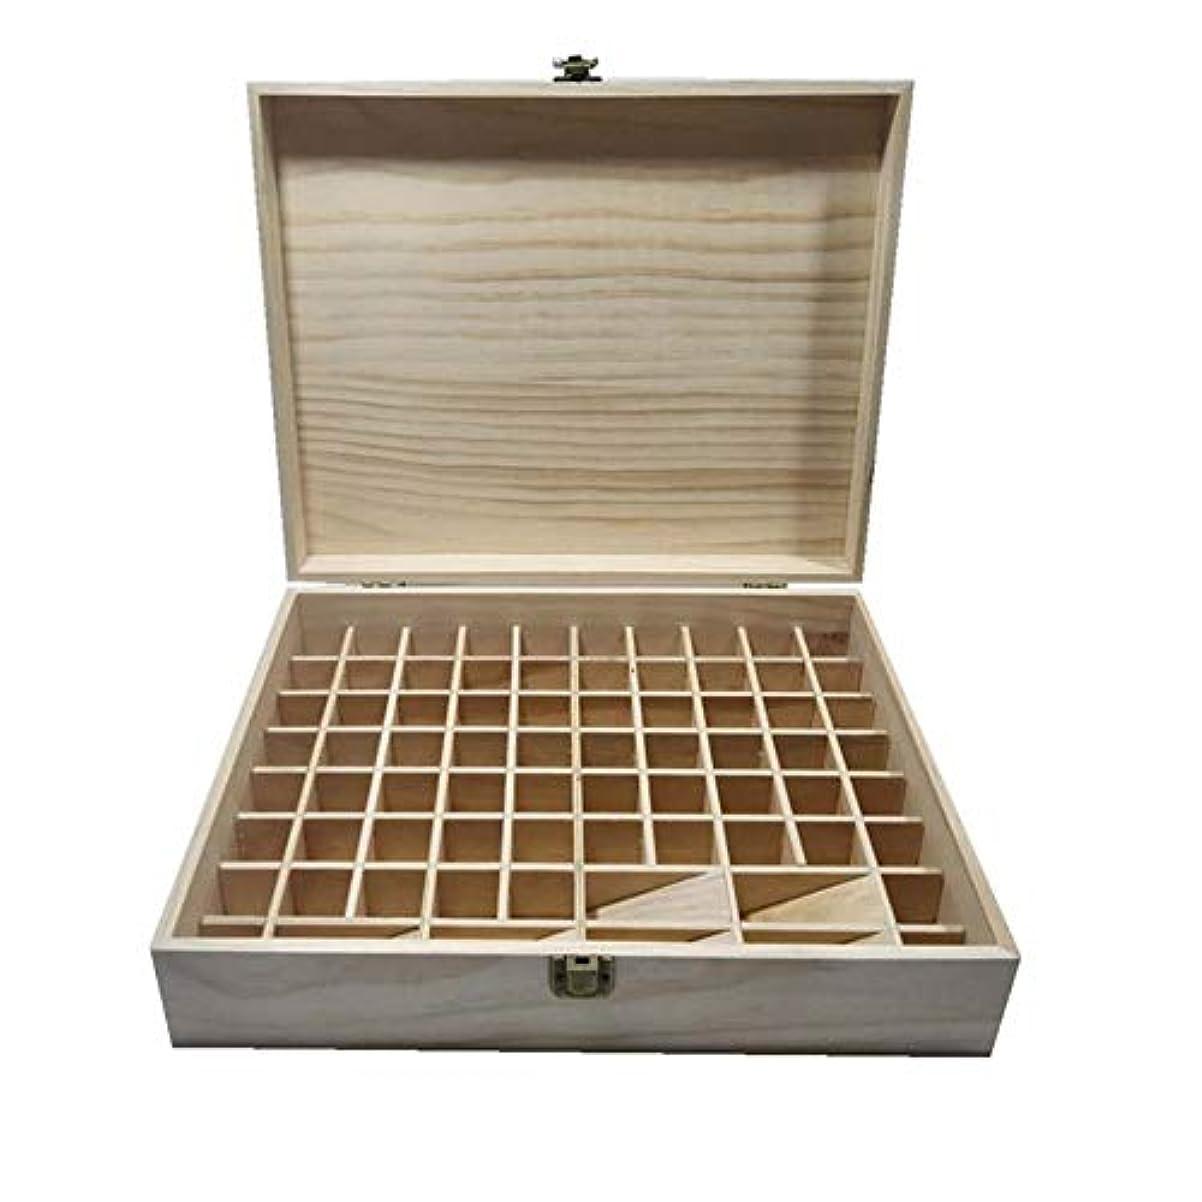 靴下固める彼自身エッセンシャルオイルの保管 74スロットエッセンシャルオイルボックス木製収納ケースは、74本のボトルエッセンシャルオイルスペースセーバーの開催します (色 : Natural, サイズ : 34X27.5X9CM)